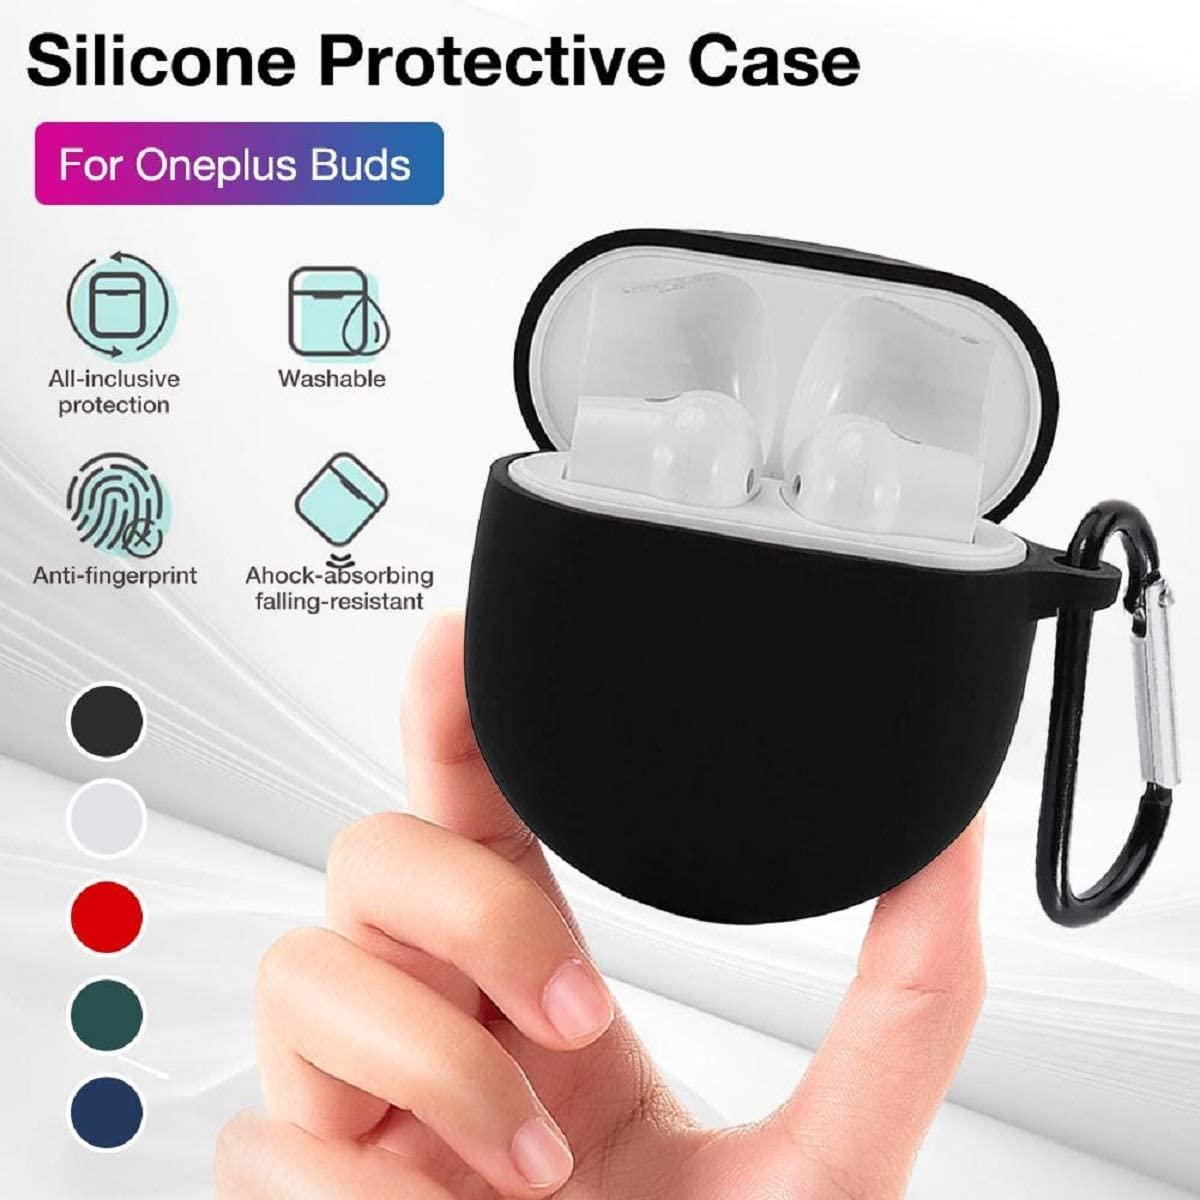 對於 Oneplus Buds 外殼, 無線降噪耳機便攜式矽膠套 Para Oneplus Buds 保護套